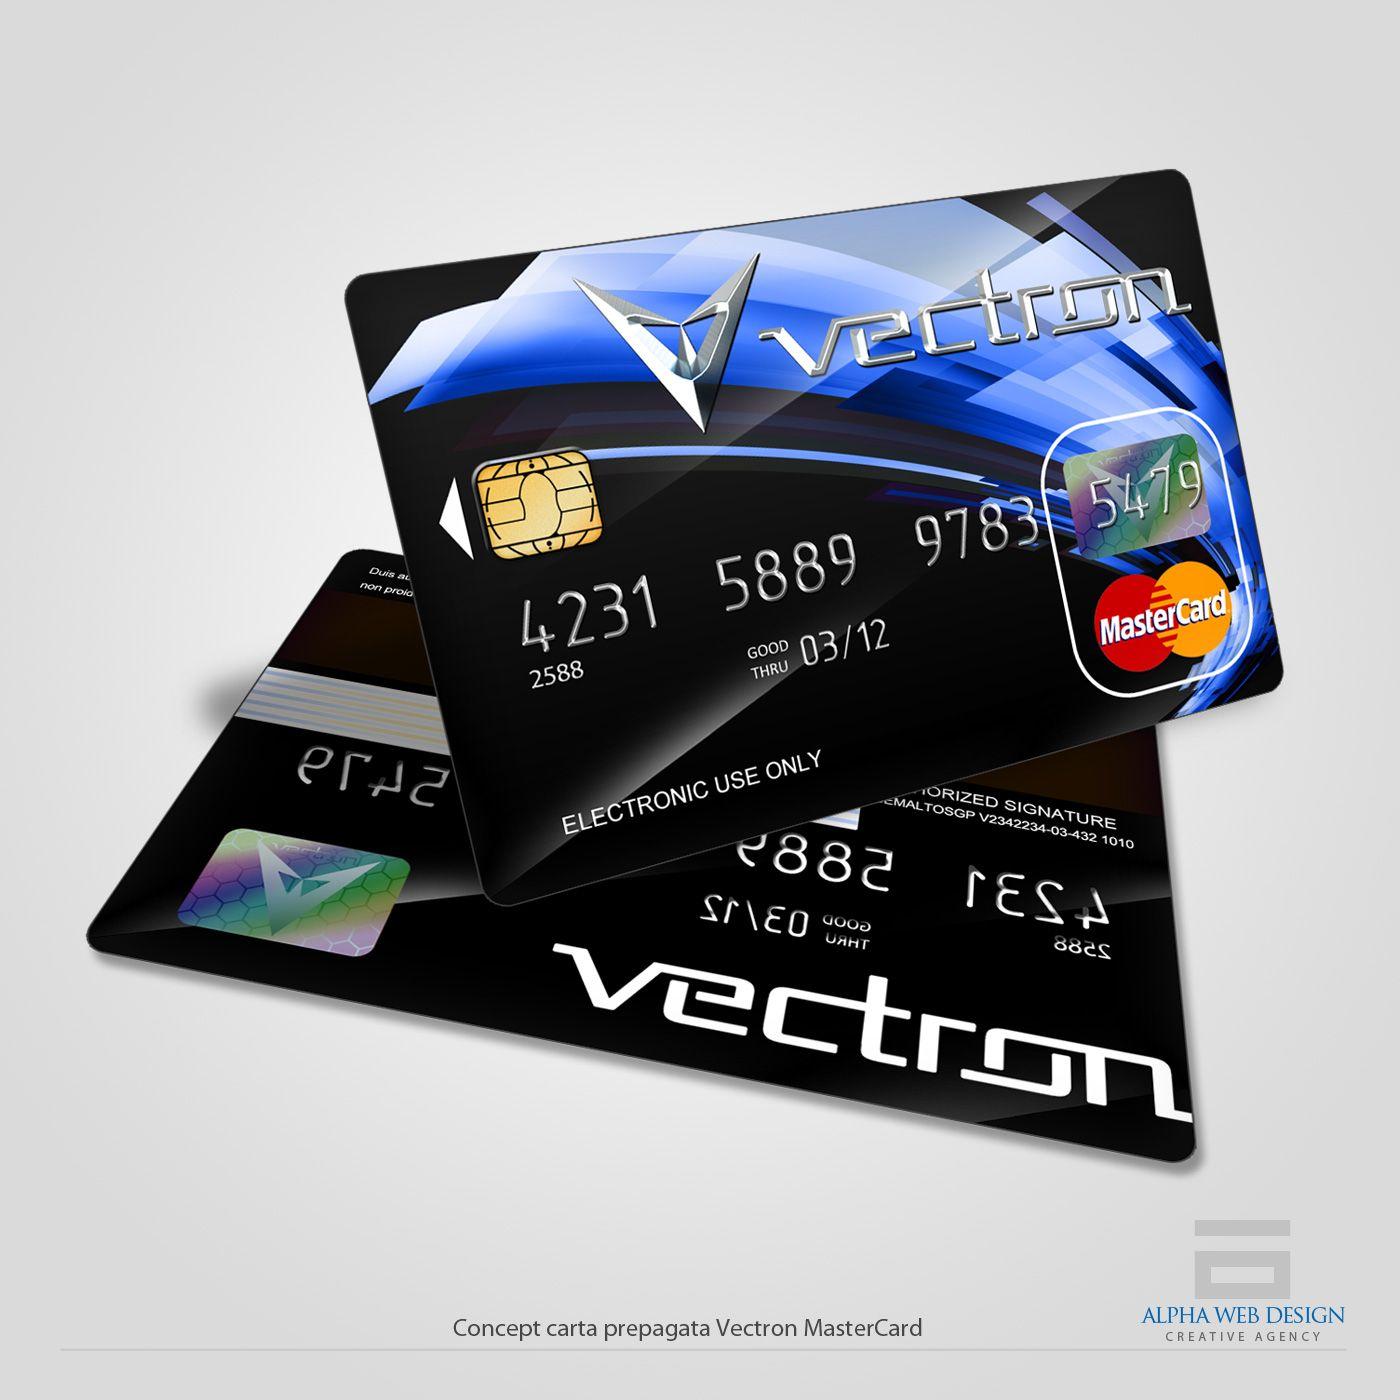 Circuito Alpha : In occasione del lancio sul mercato francese della nuova carta